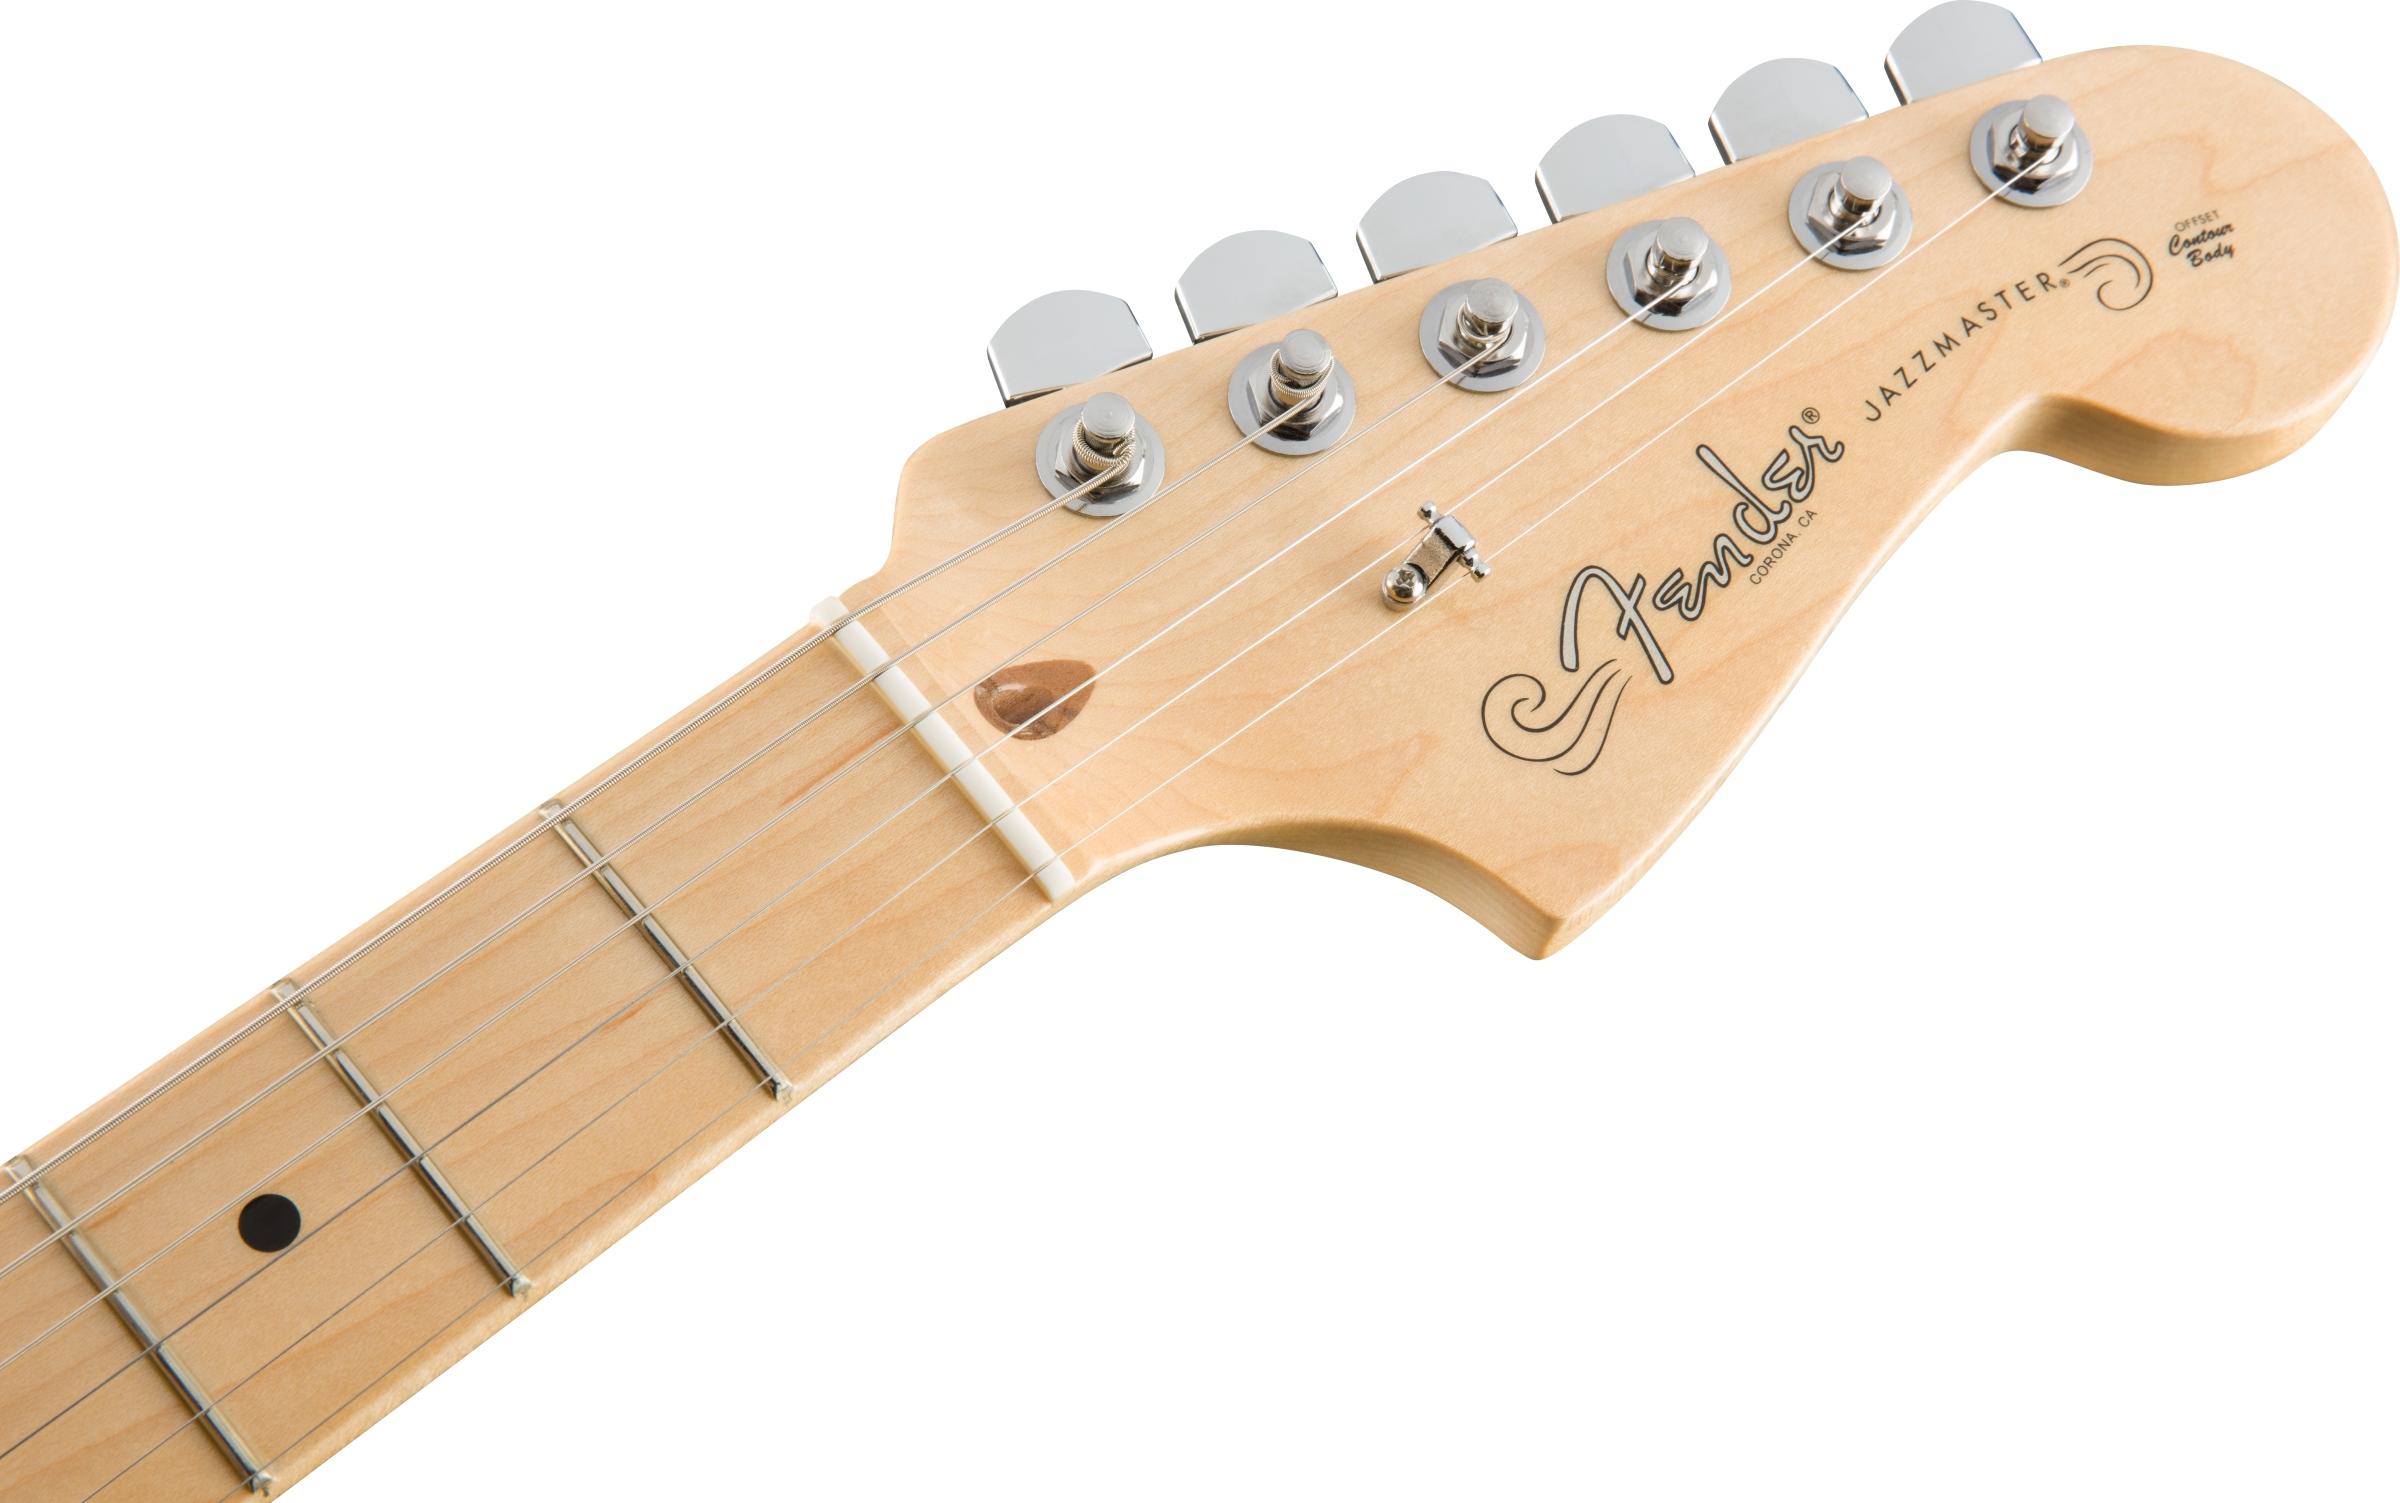 Fantastisch Fender Jazzmaster Schaltplan Bilder - Elektrische ...